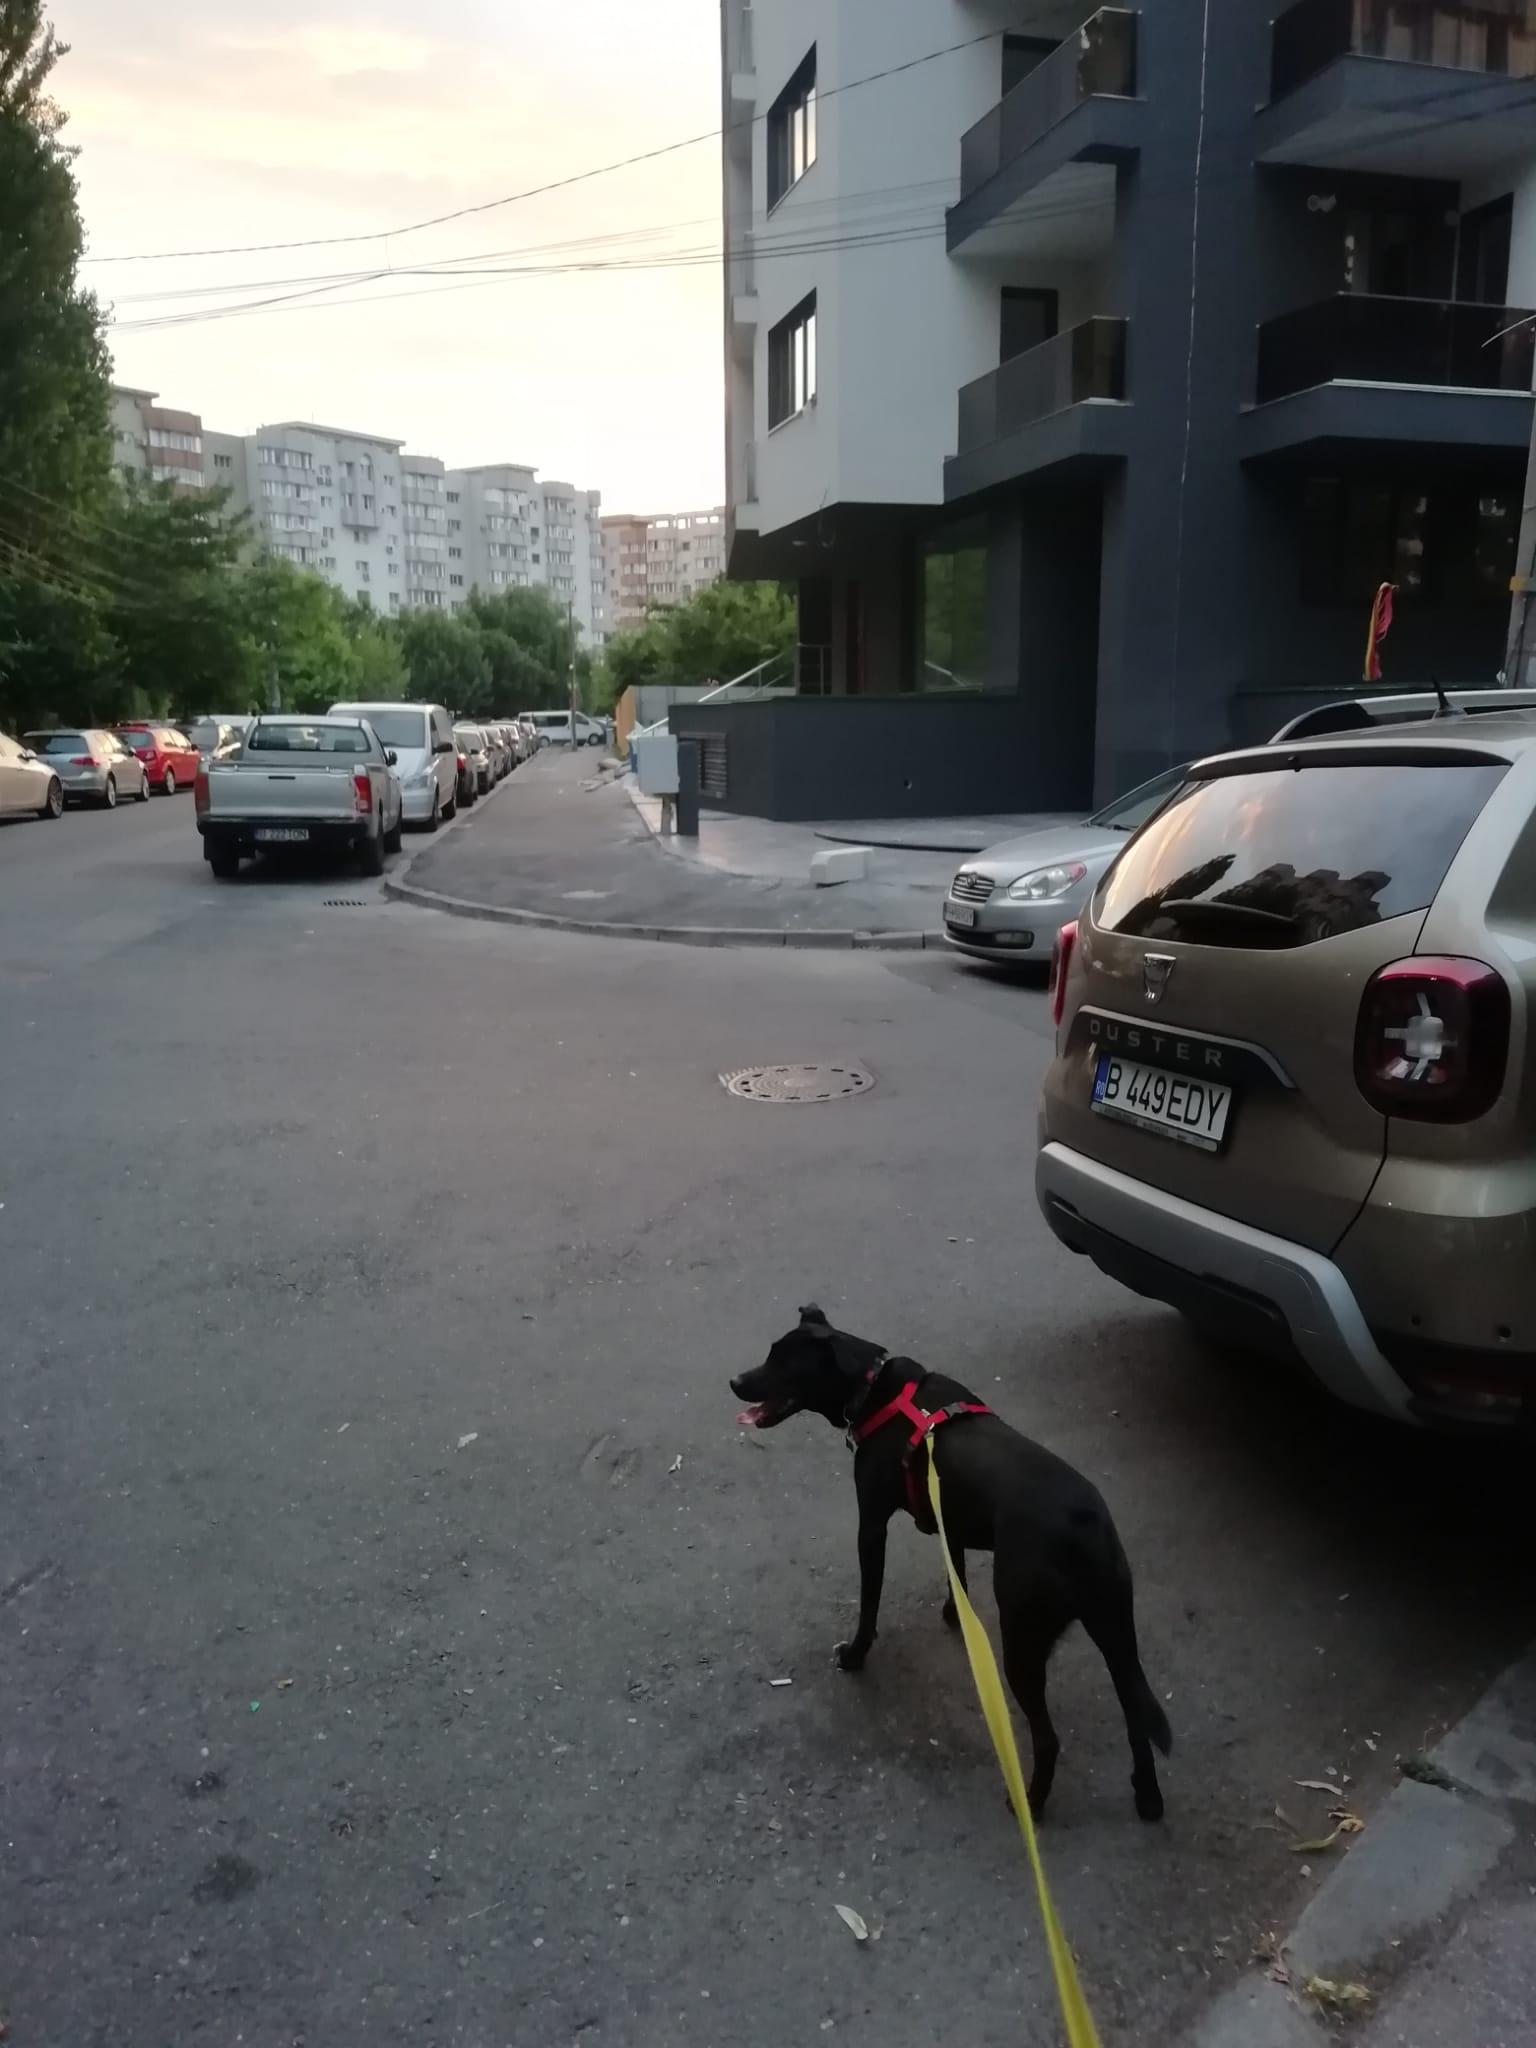 Căldura vine în București la pachet cu un miros oribil. E mirosul lăsat în urmă de stăpânii de câini care nu strâng după. Soluția la alții: Adună probe ADN lăsate-n drum